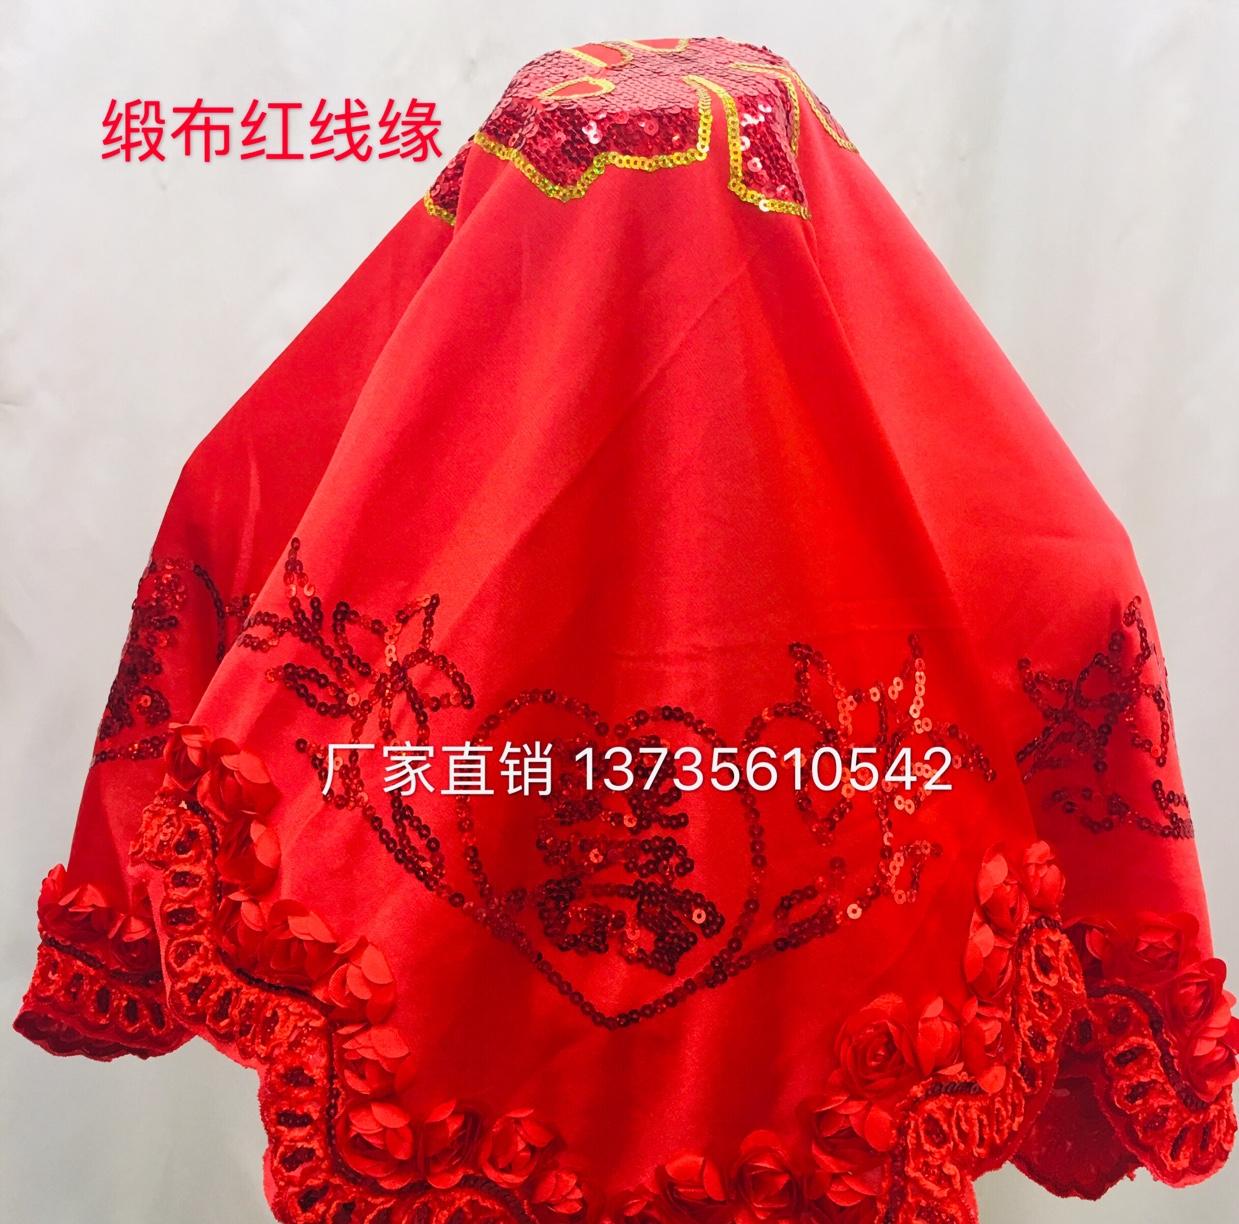 厂家直销 缎面红盖头 玫瑰花结婚盖头 中式婚礼